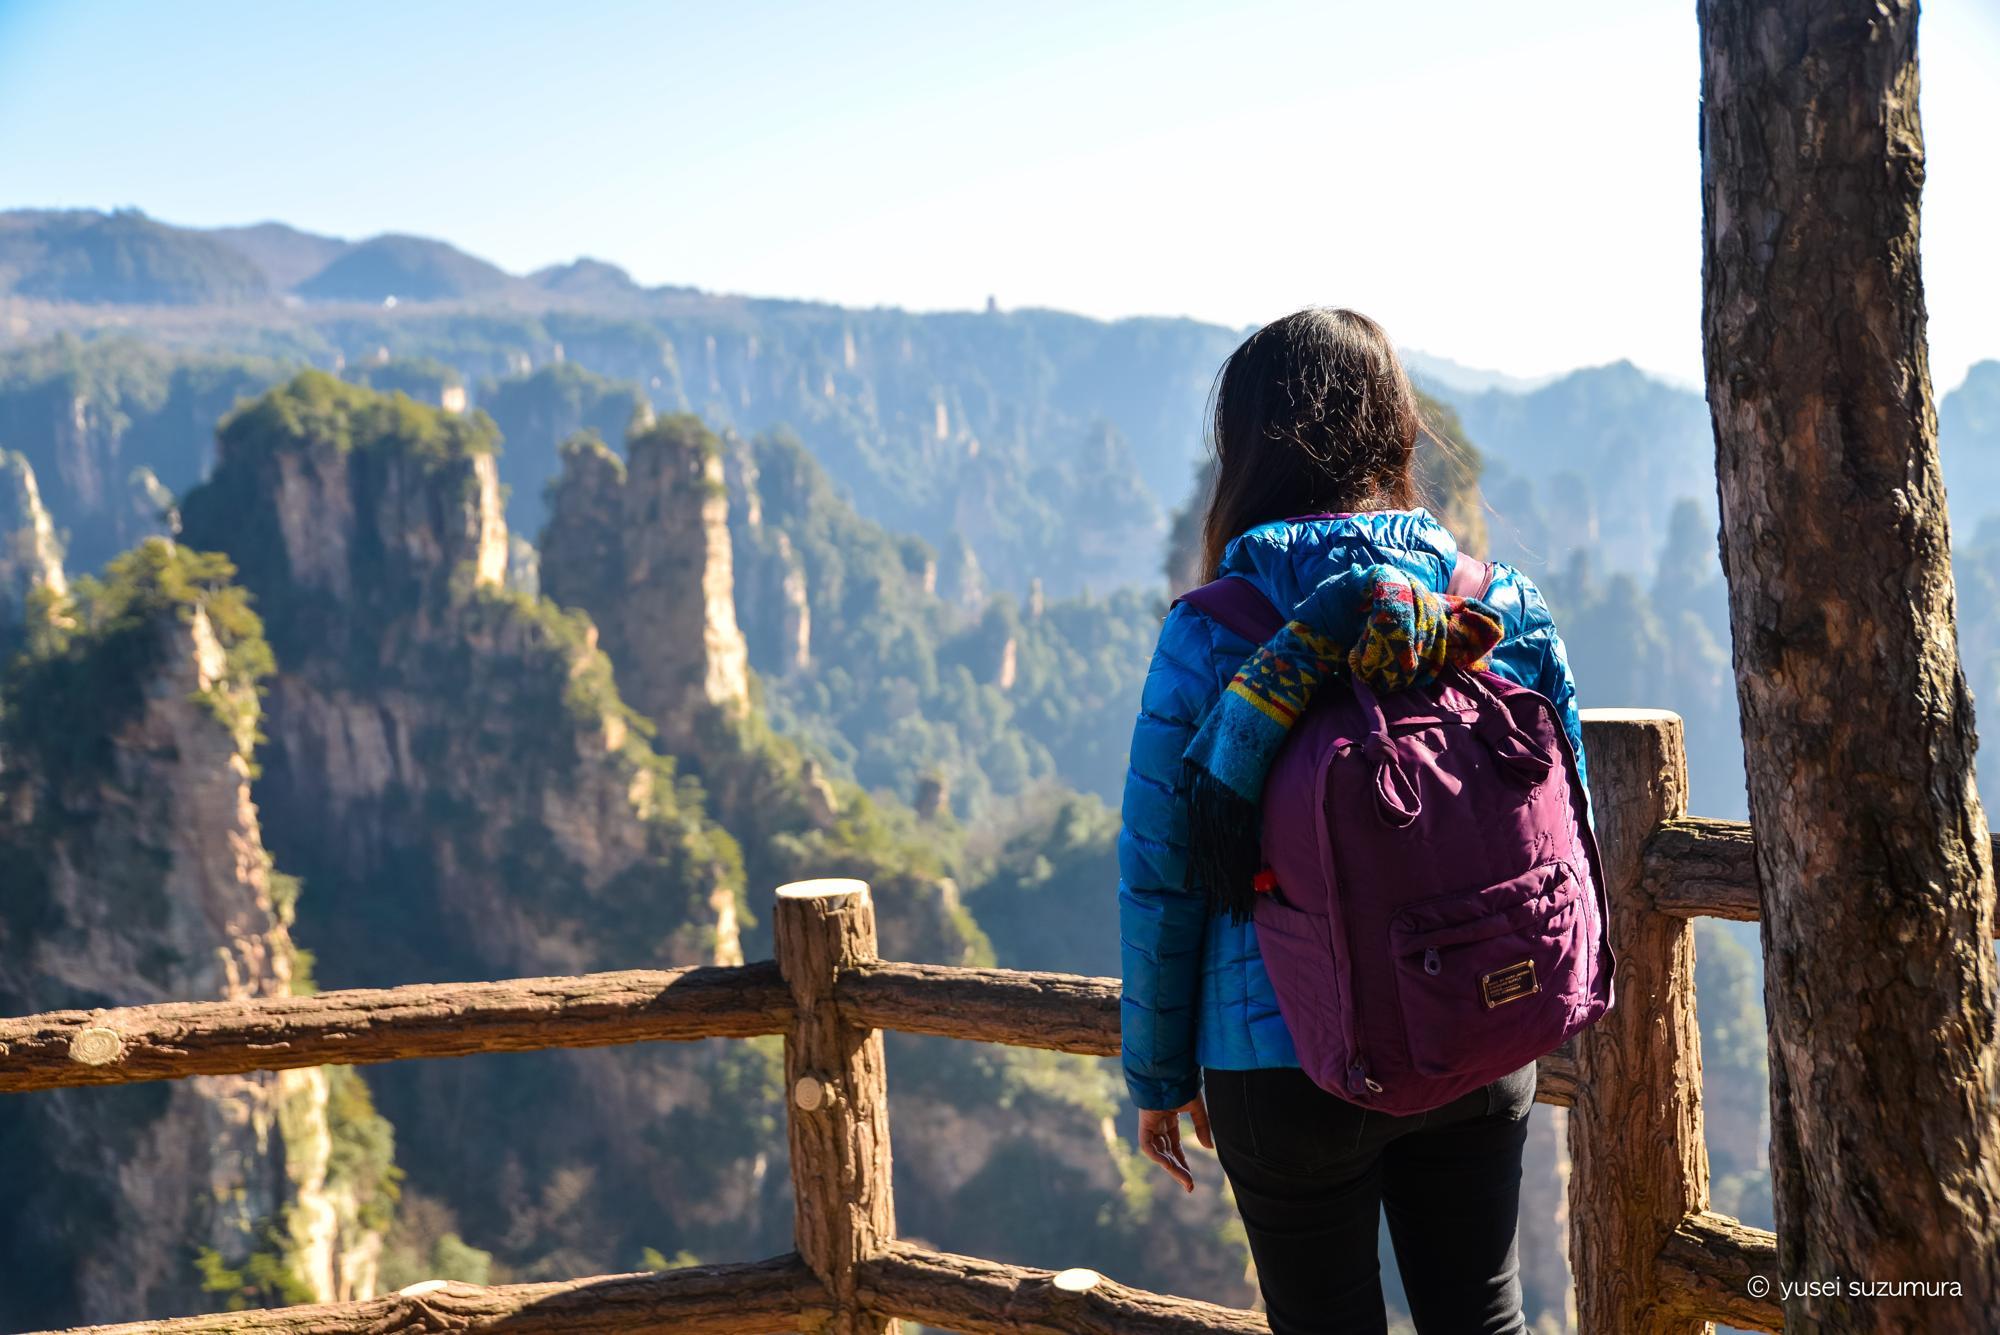 圧巻の絶景!世界遺産・武陵源はとにかく広大。